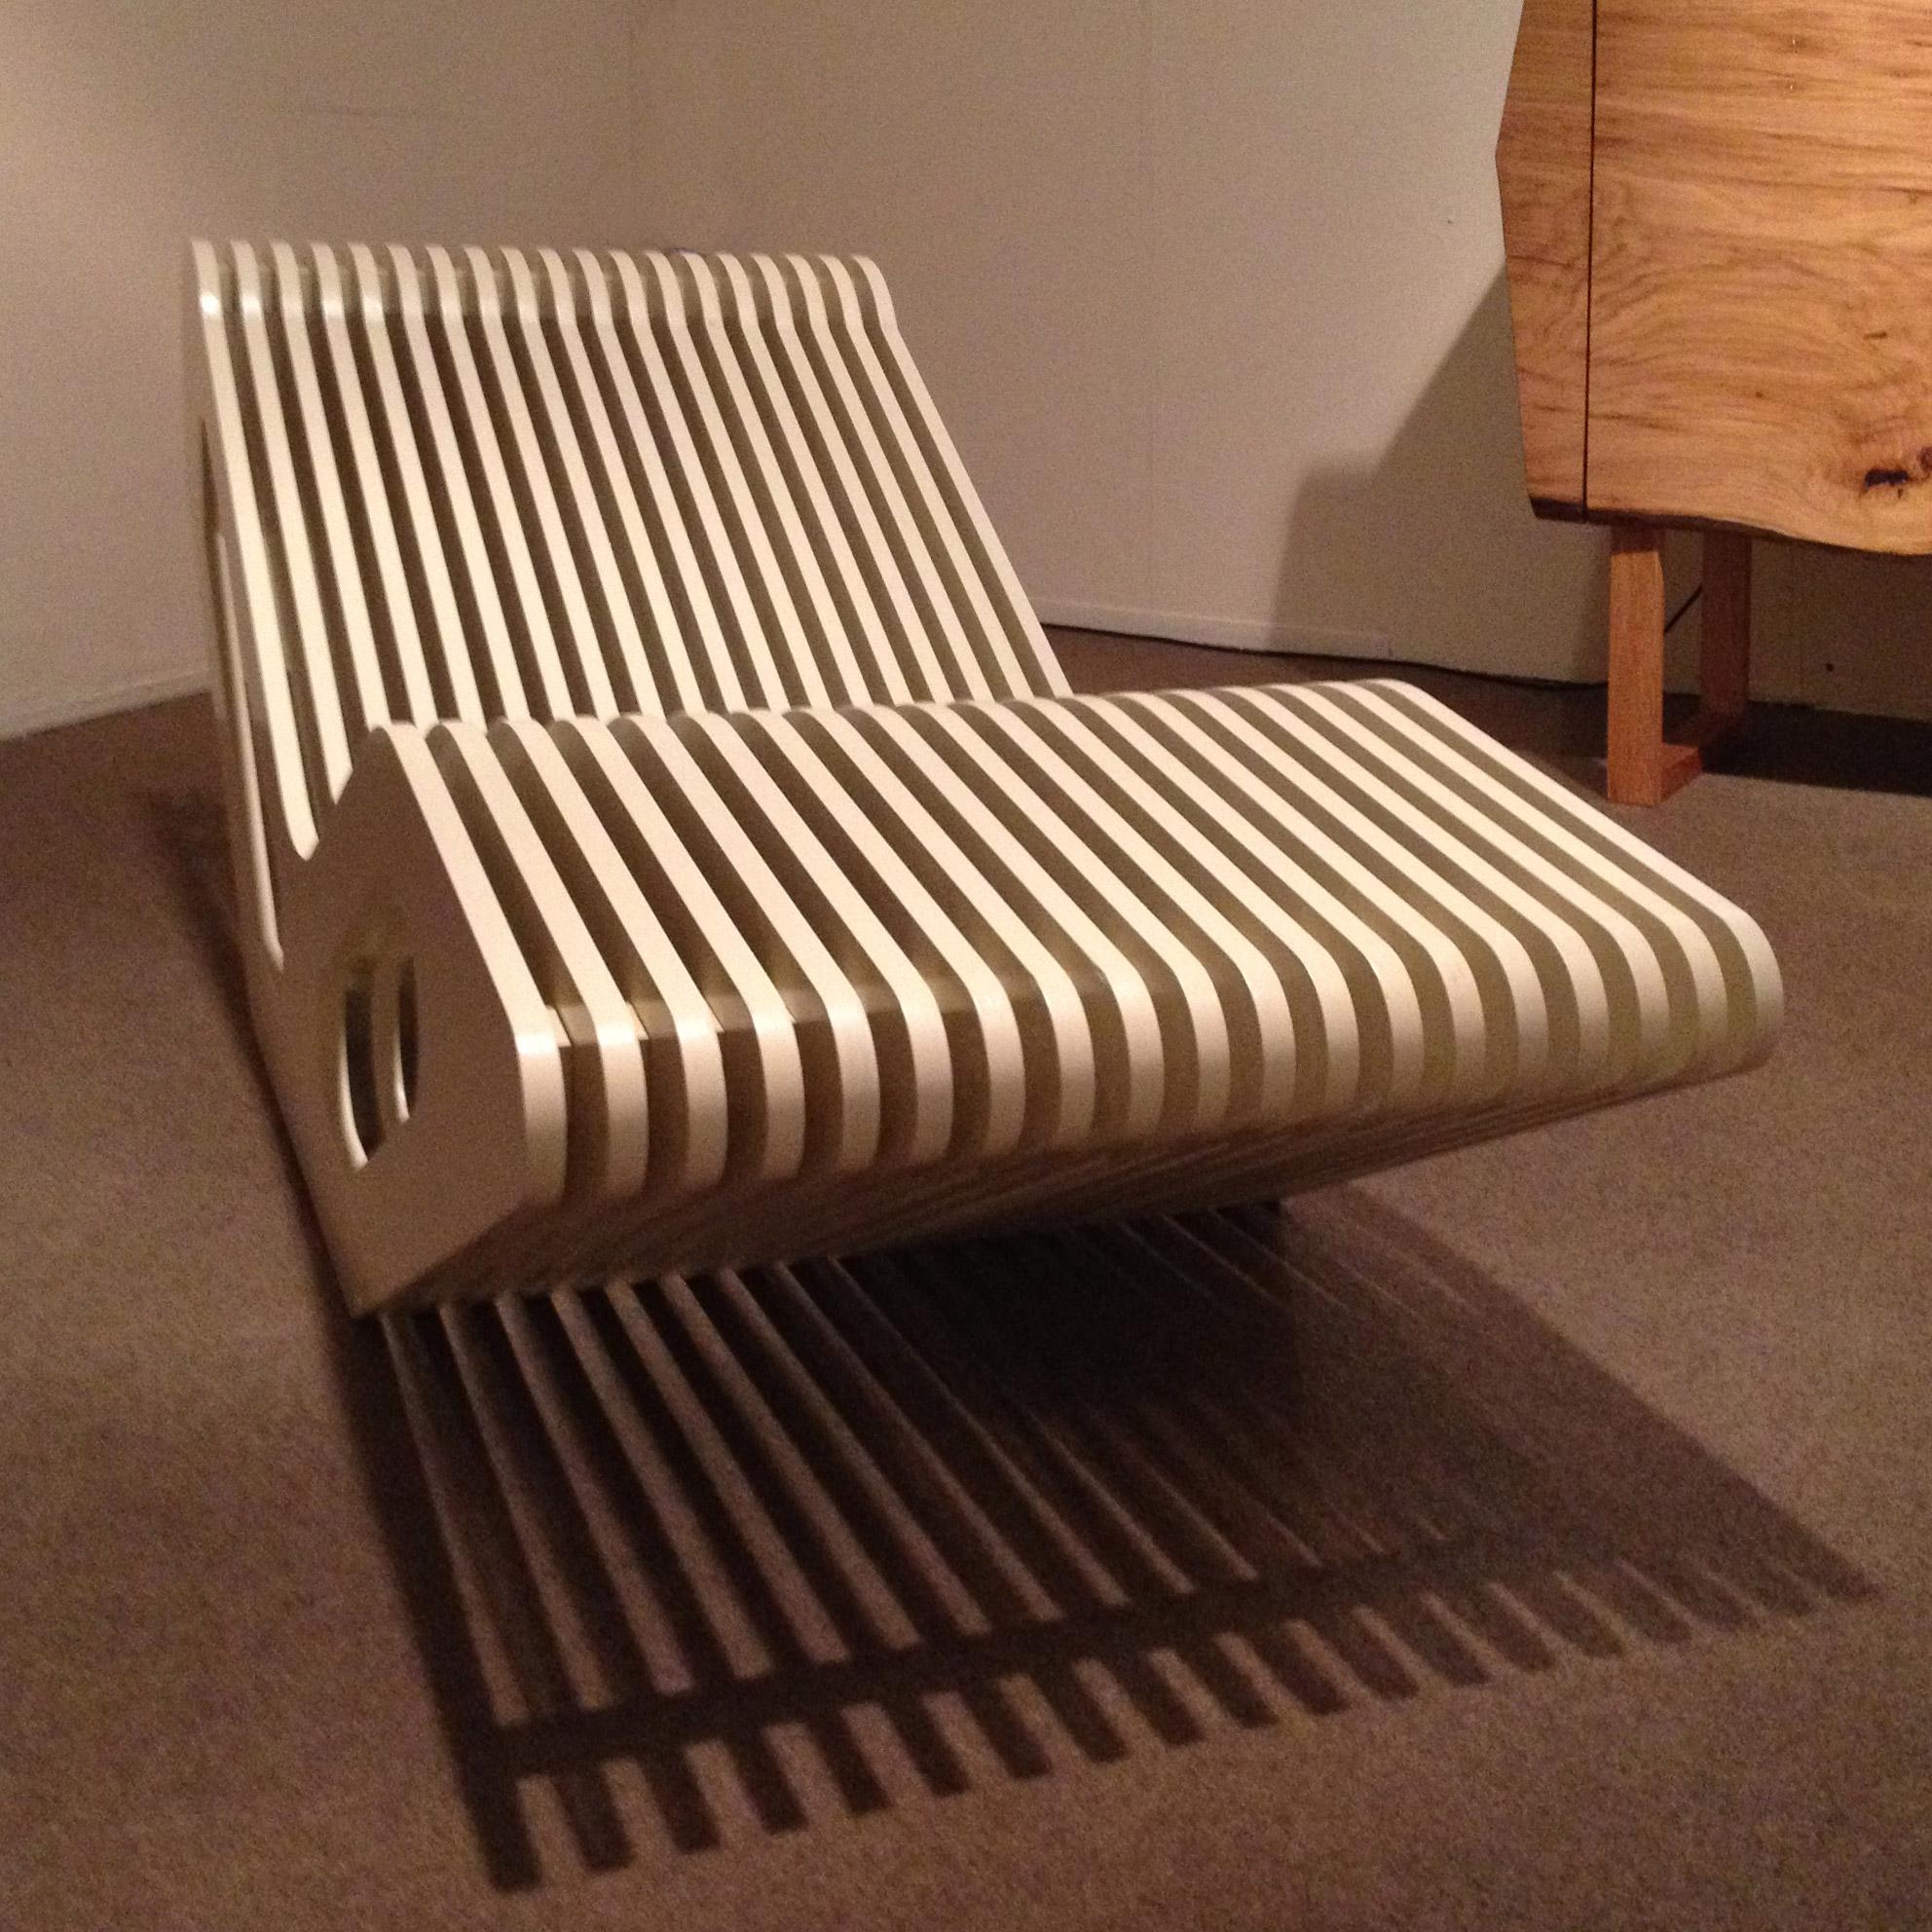 Chaise longue cl4m for Chaise longue d interieur design